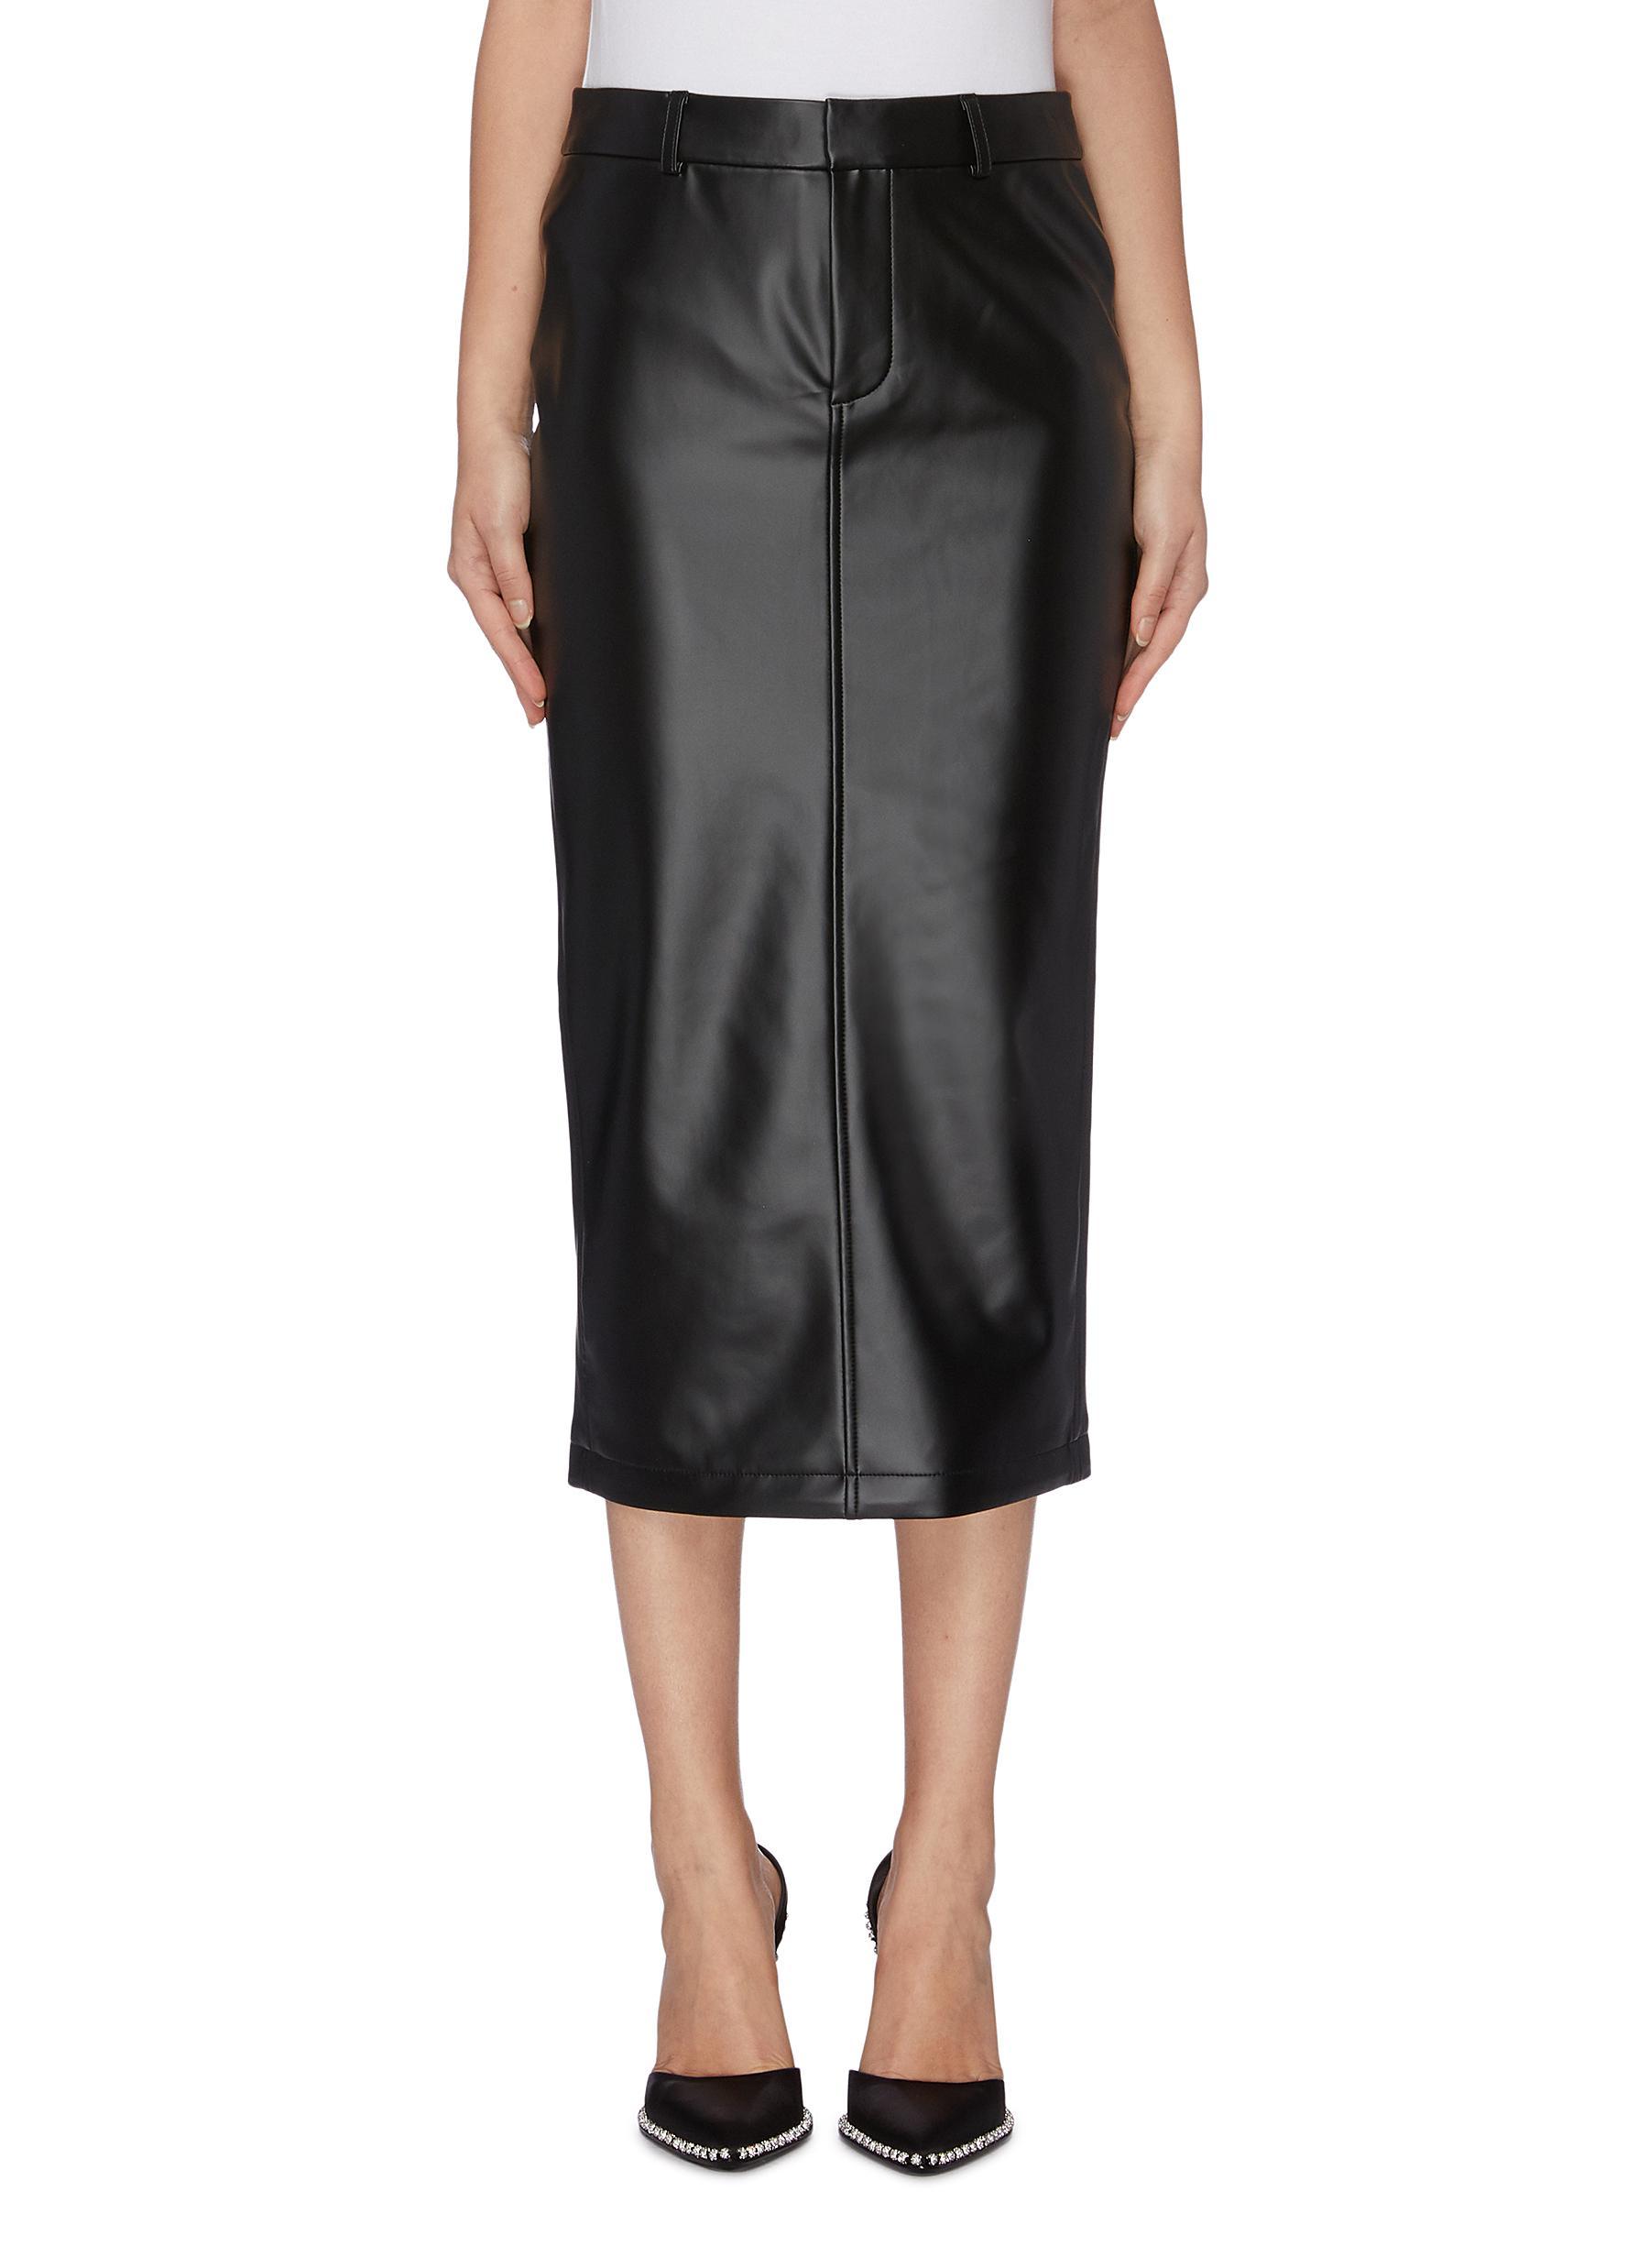 Latex skirt by Alexanderwang